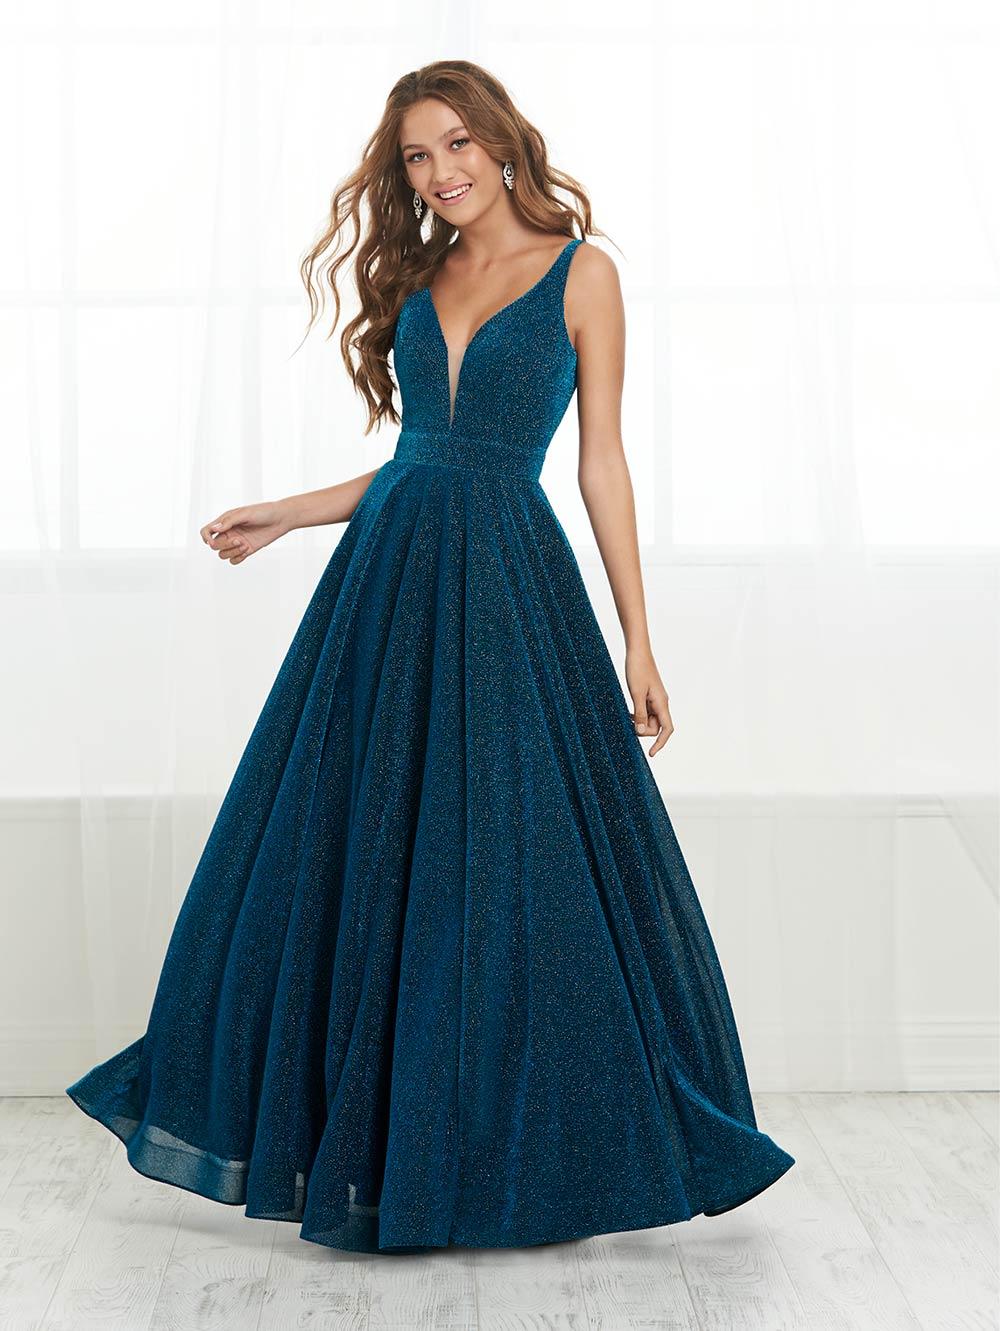 prom-dresses-jacquelin-bridals-canada-27665